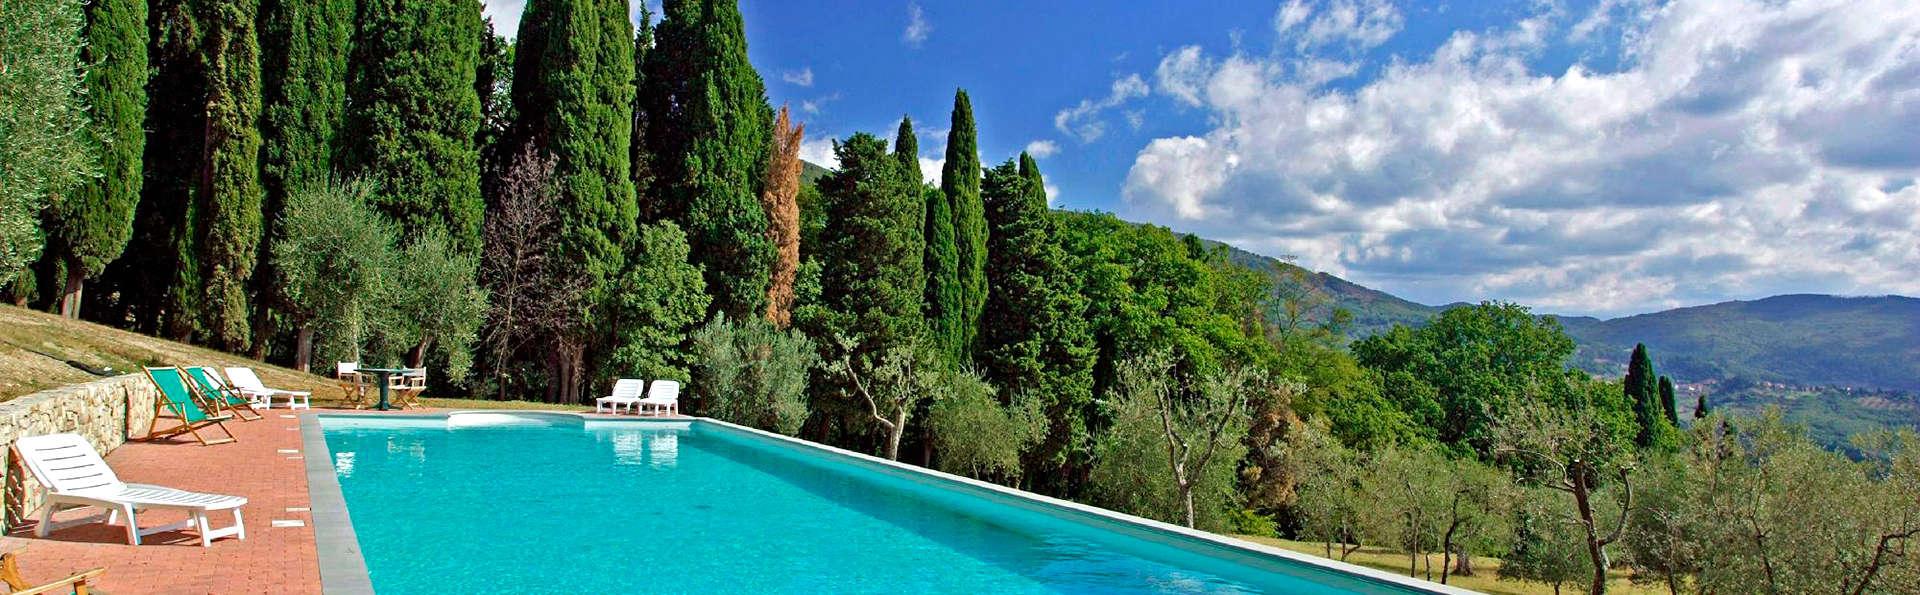 Offrez-vous 2 jours de détente et de bien-être dans une belle ferme Toscane